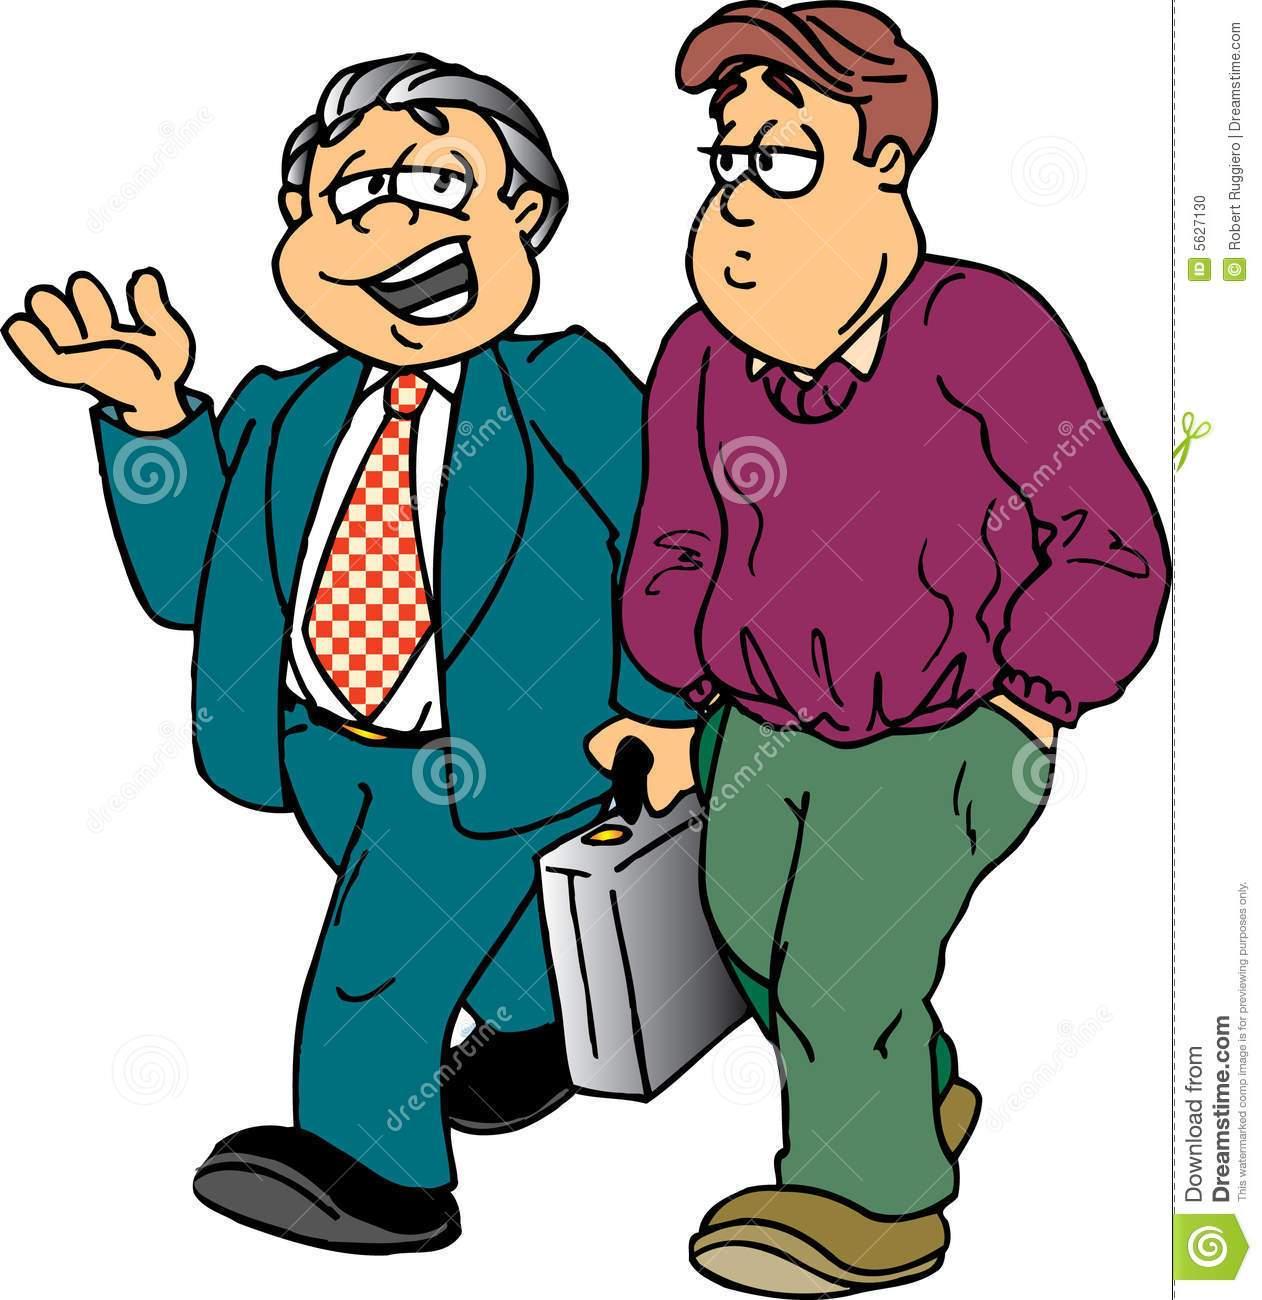 Giving advice clipart svg Giving advice clipart » Clipart Portal svg